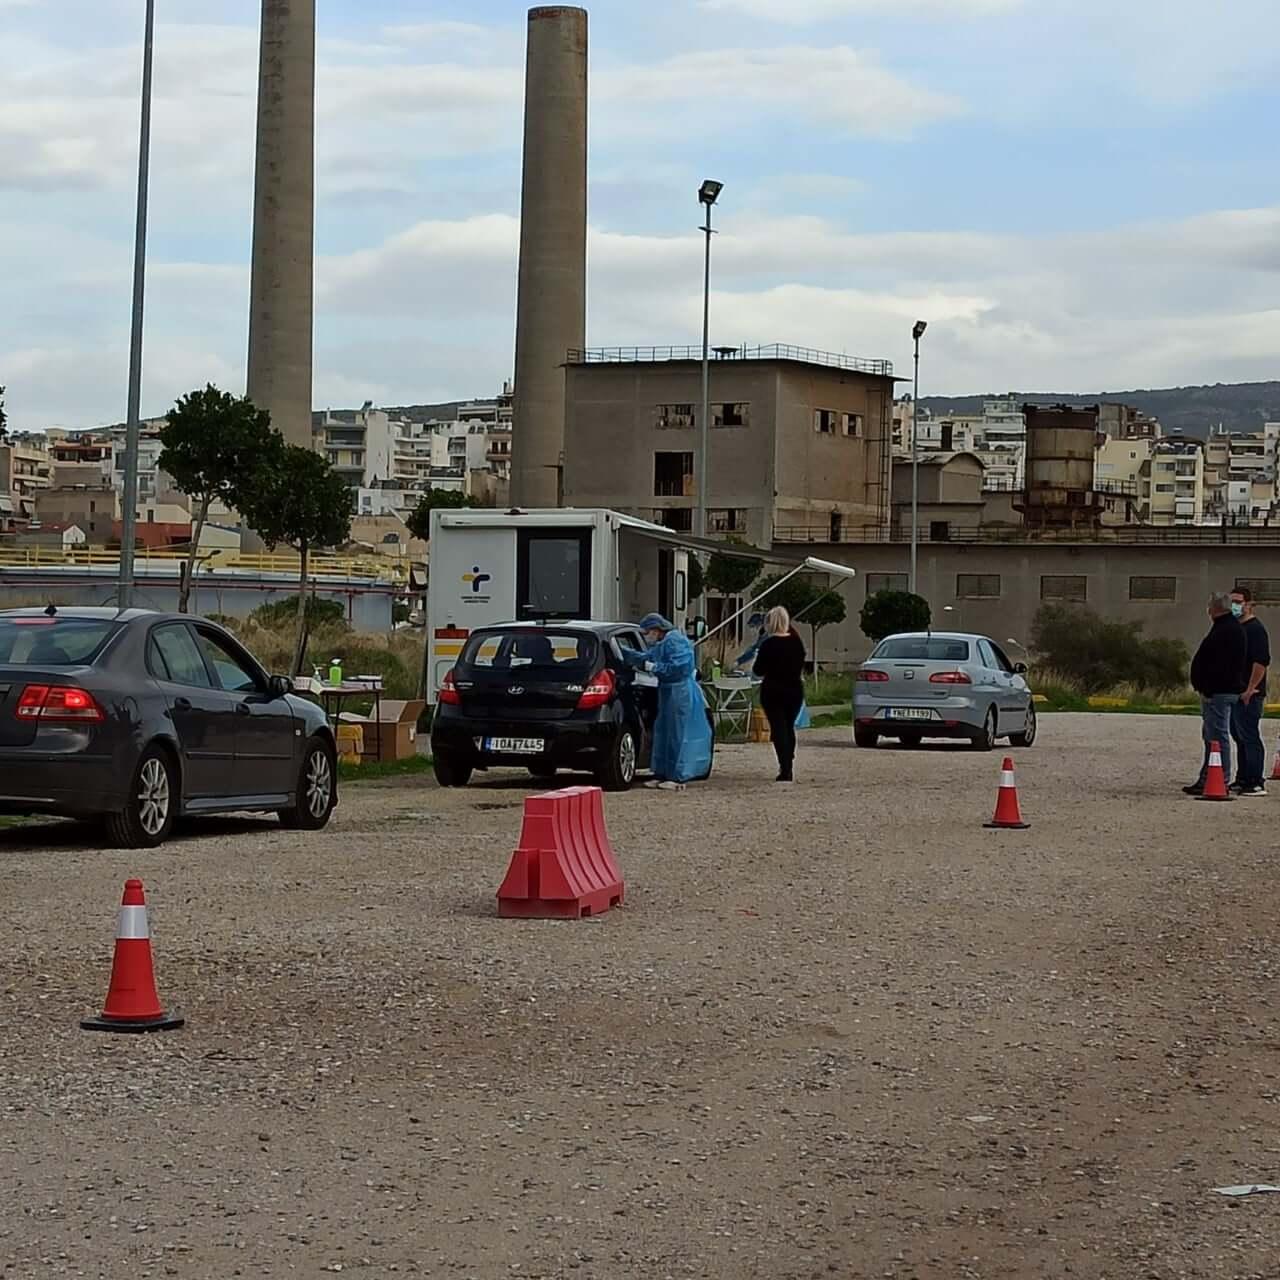 Κερατσίνι - Κορωνοϊός : Στοχοποιούν την πόλη από ηλιθιότητα ή από ανικανότητα;